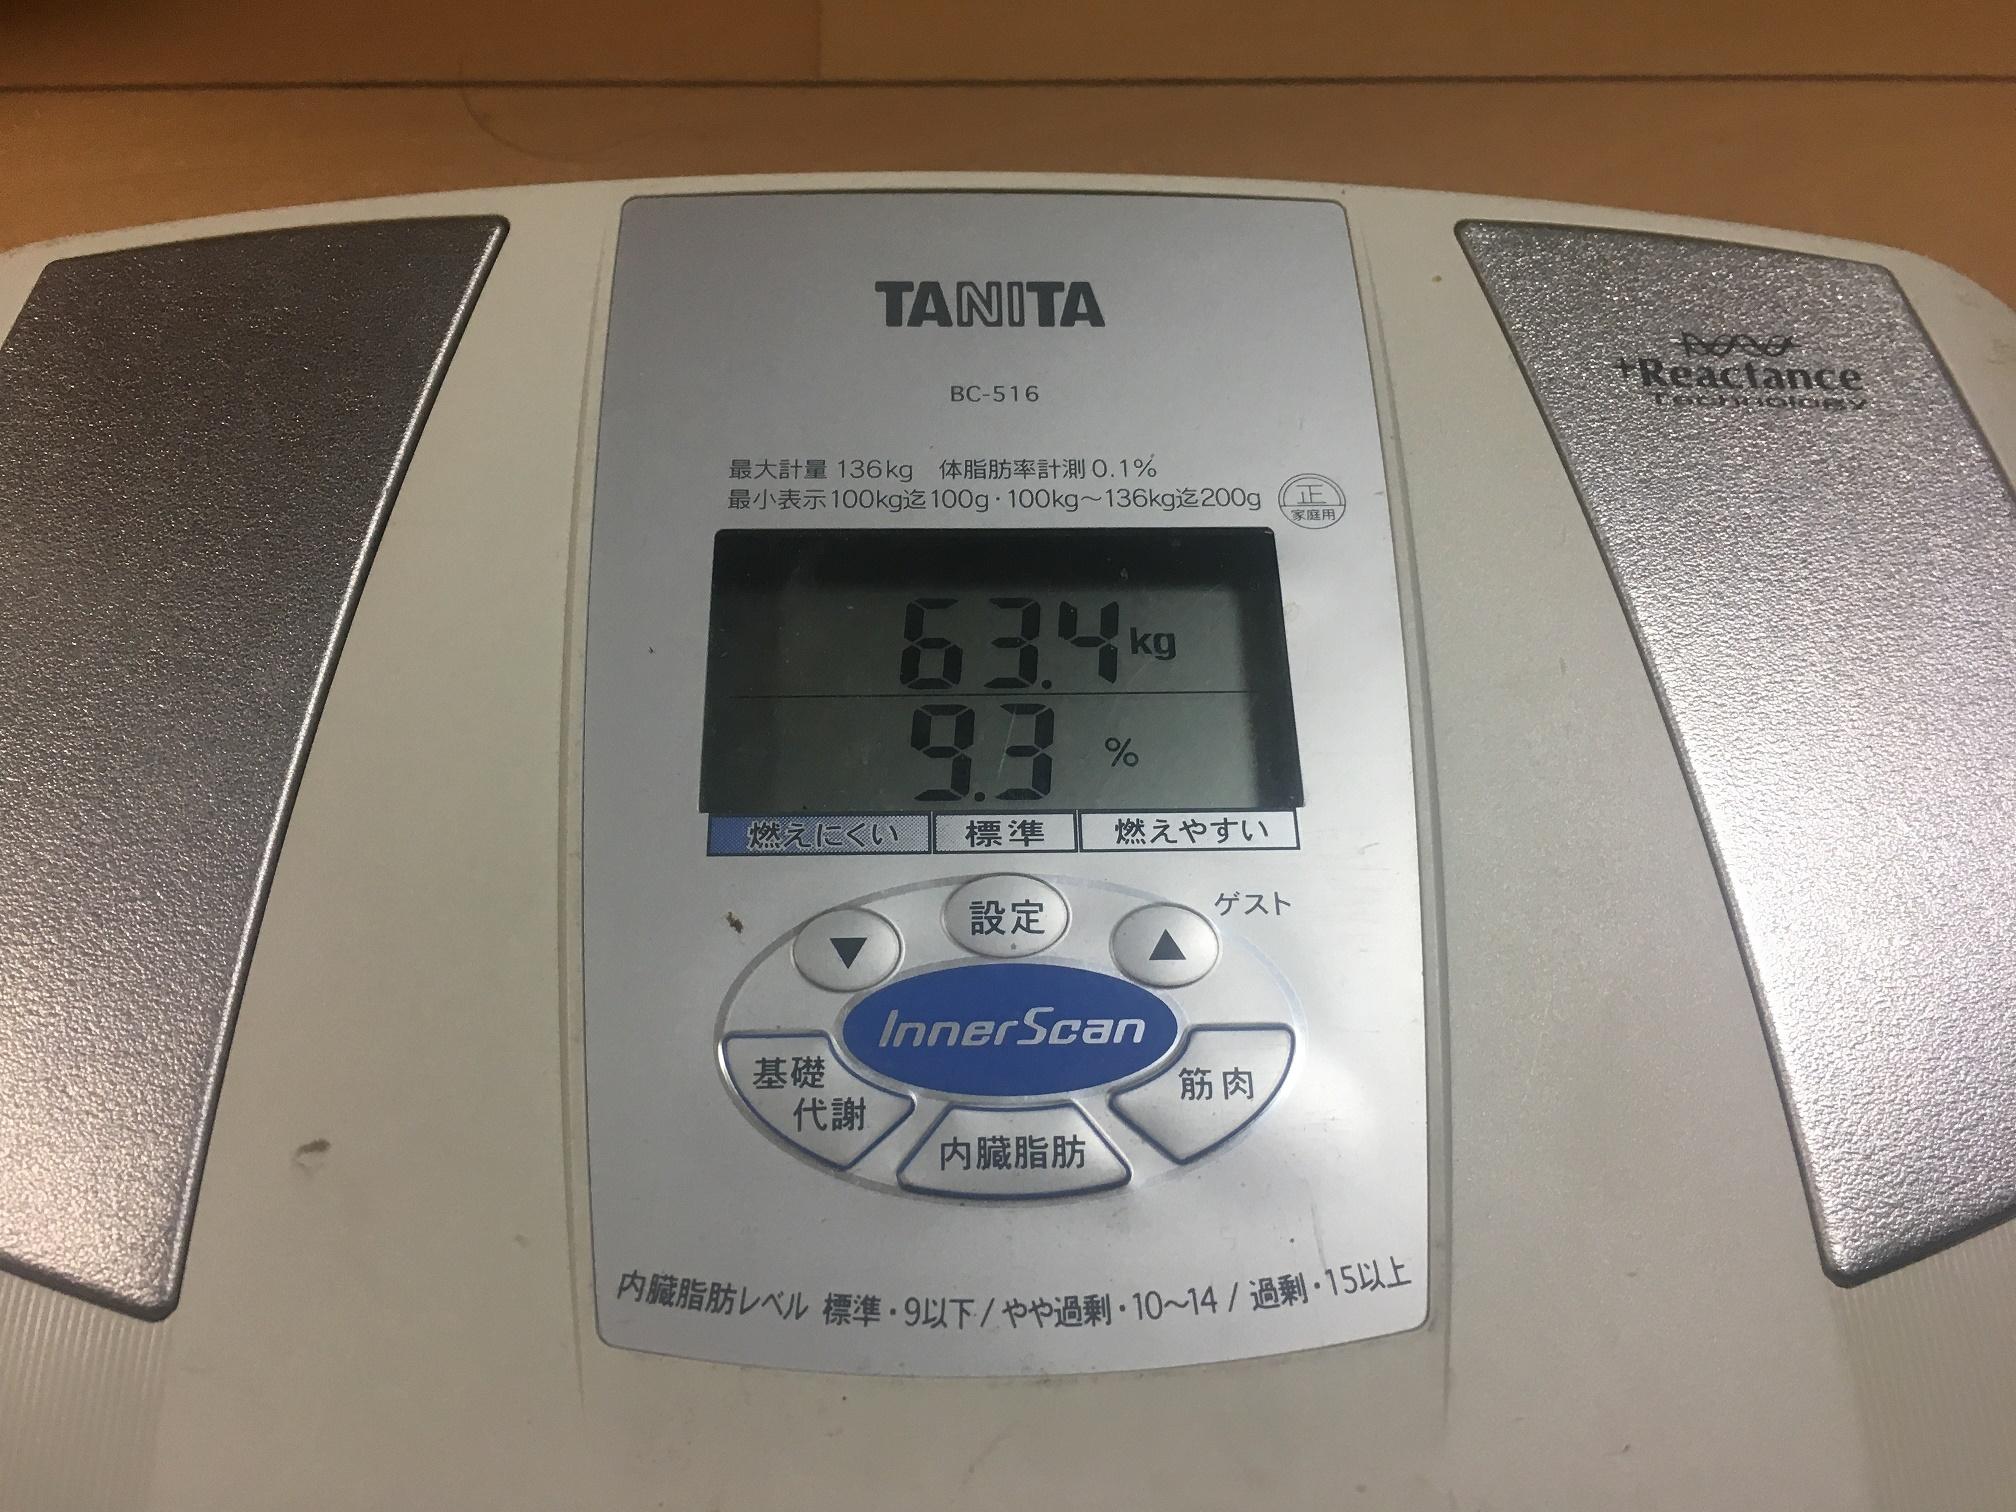 サウナスーツはホントに痩せる!?減量目指して夜ラン、40分ジョギングで600gダイエット♪【東京マラソンまで34日】